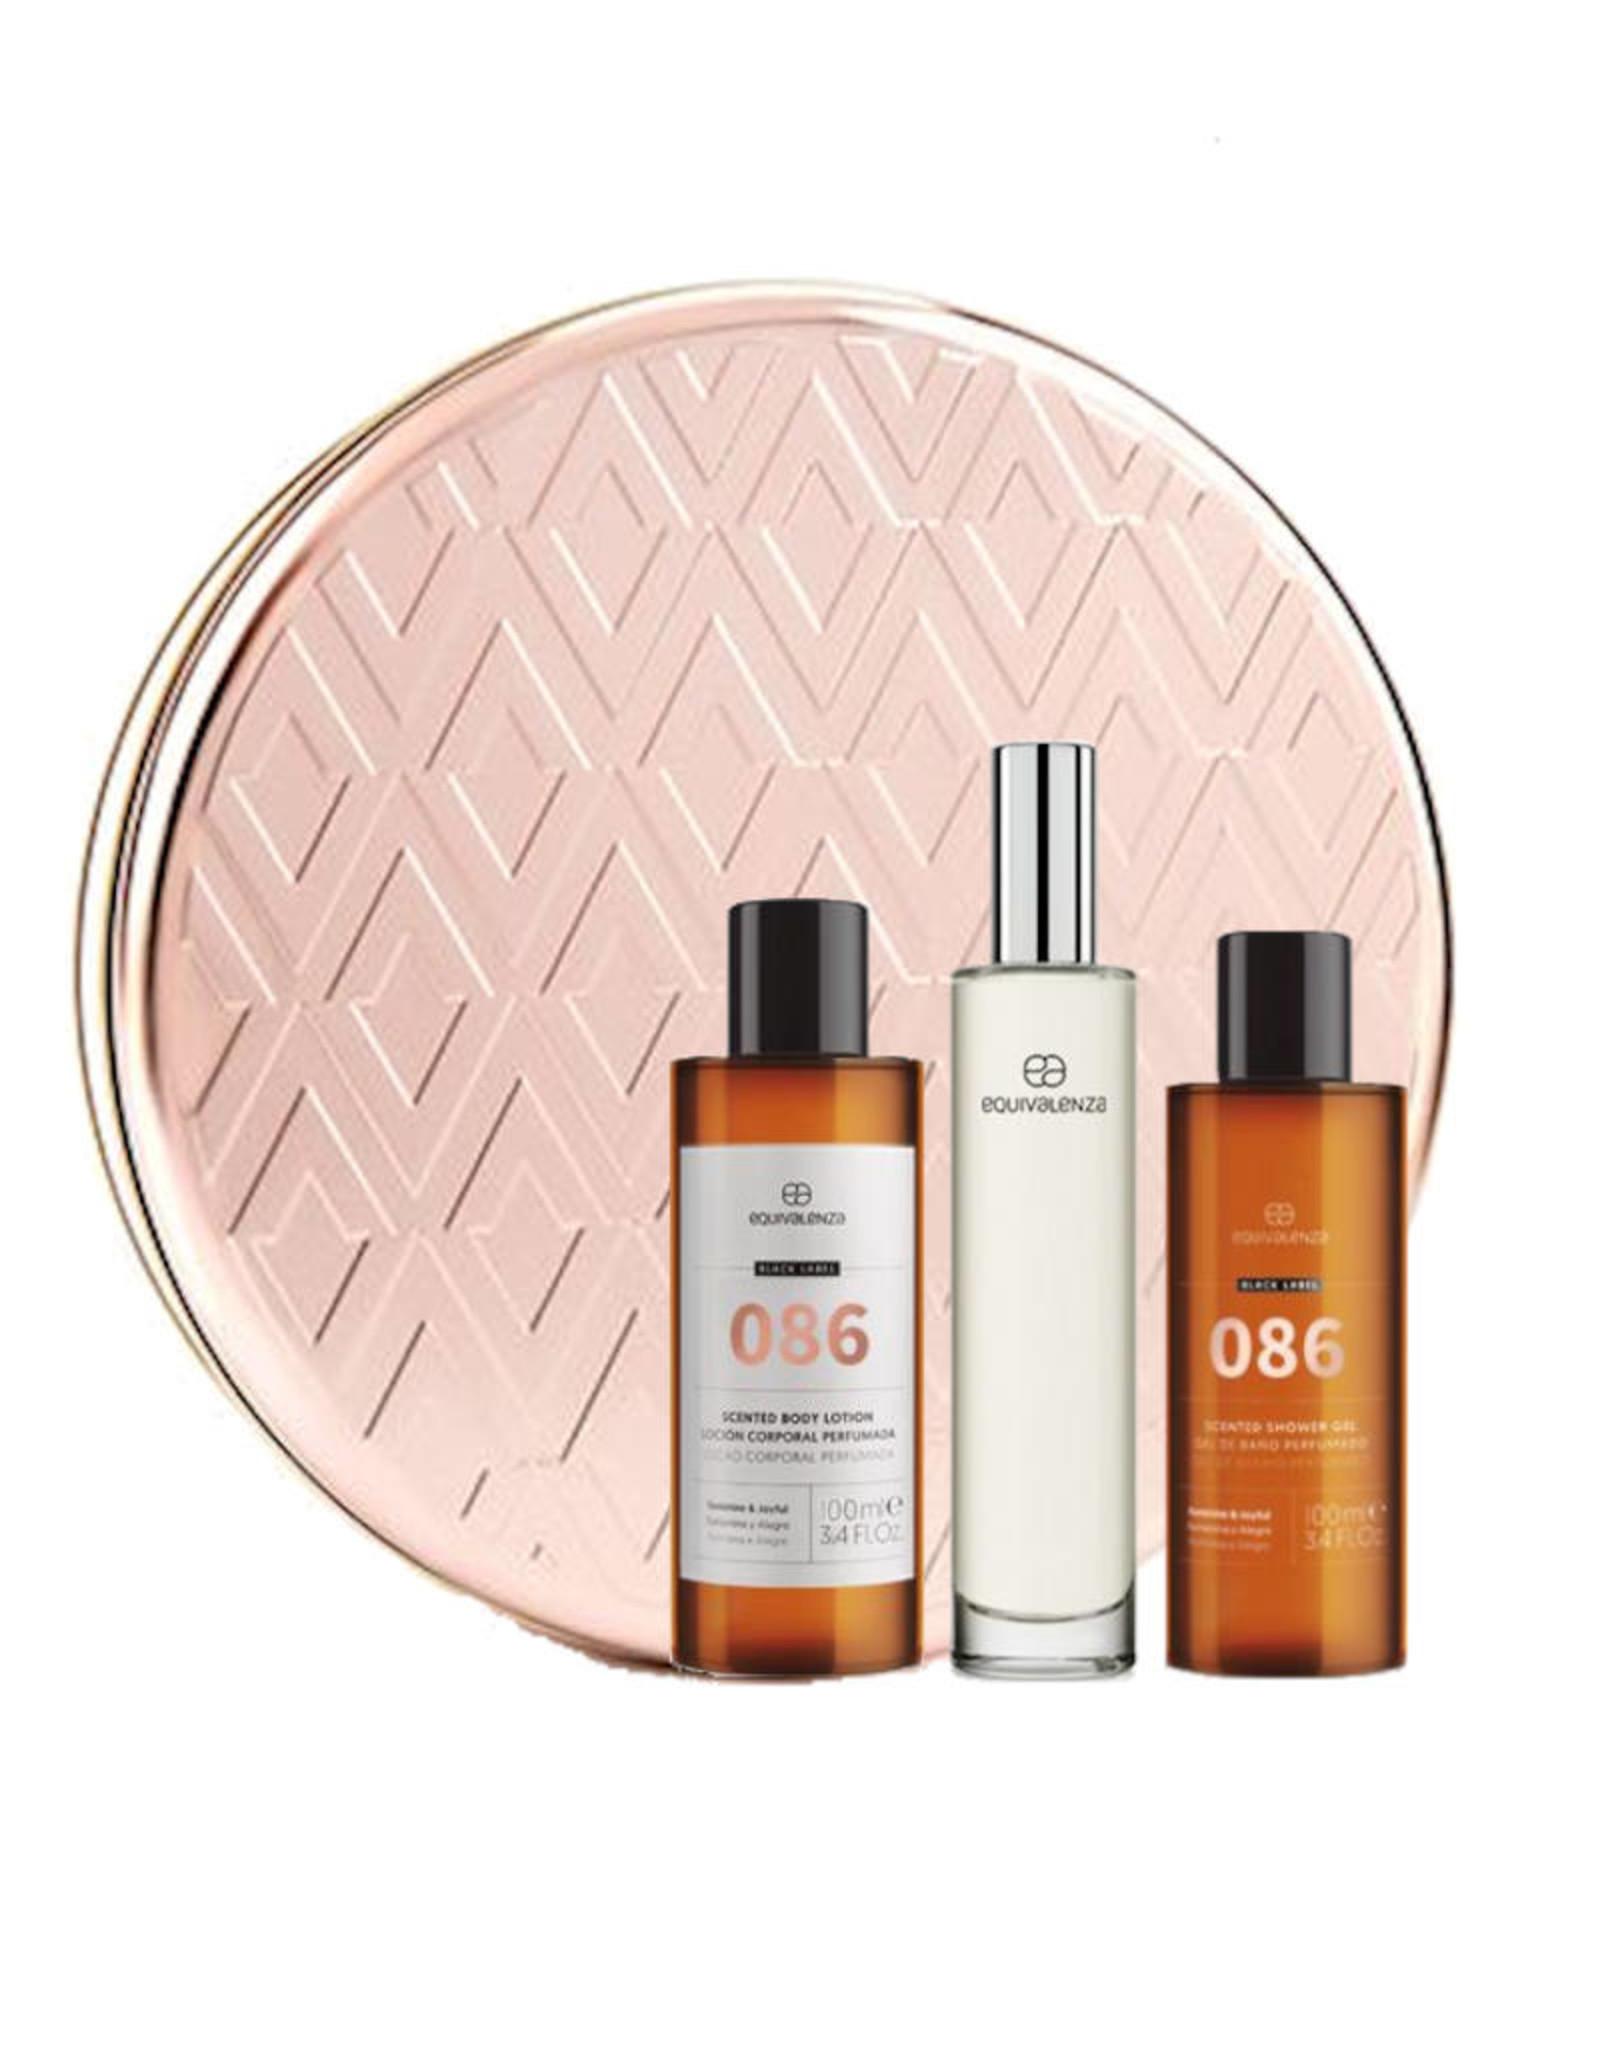 Equivalenza Coffret Cadeau - Parfum - Gel Douche - Lotion Corporelle -086